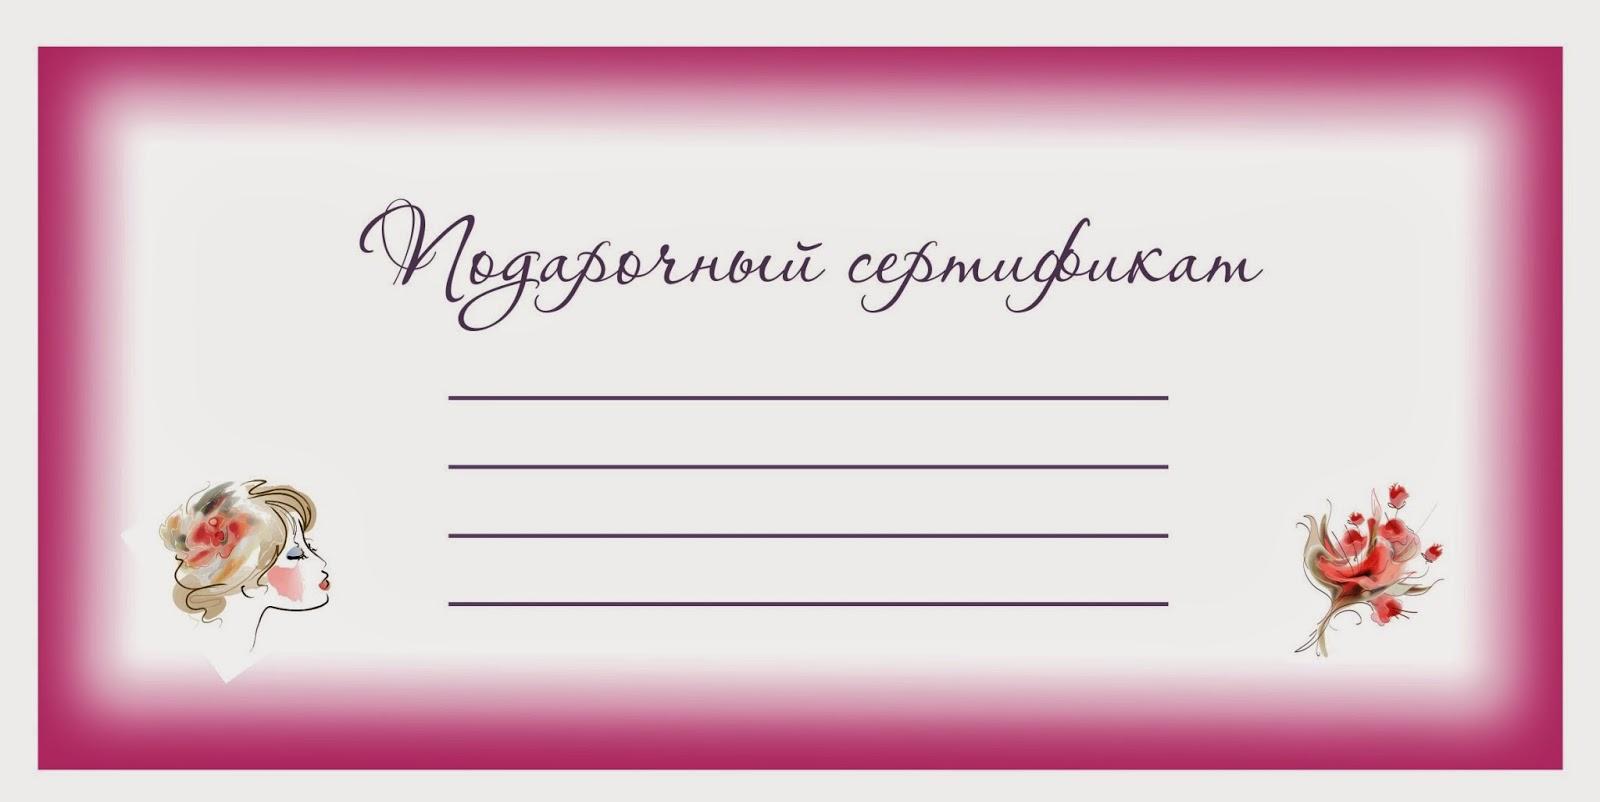 Подарочный сертификат на массаж шаблон скачать